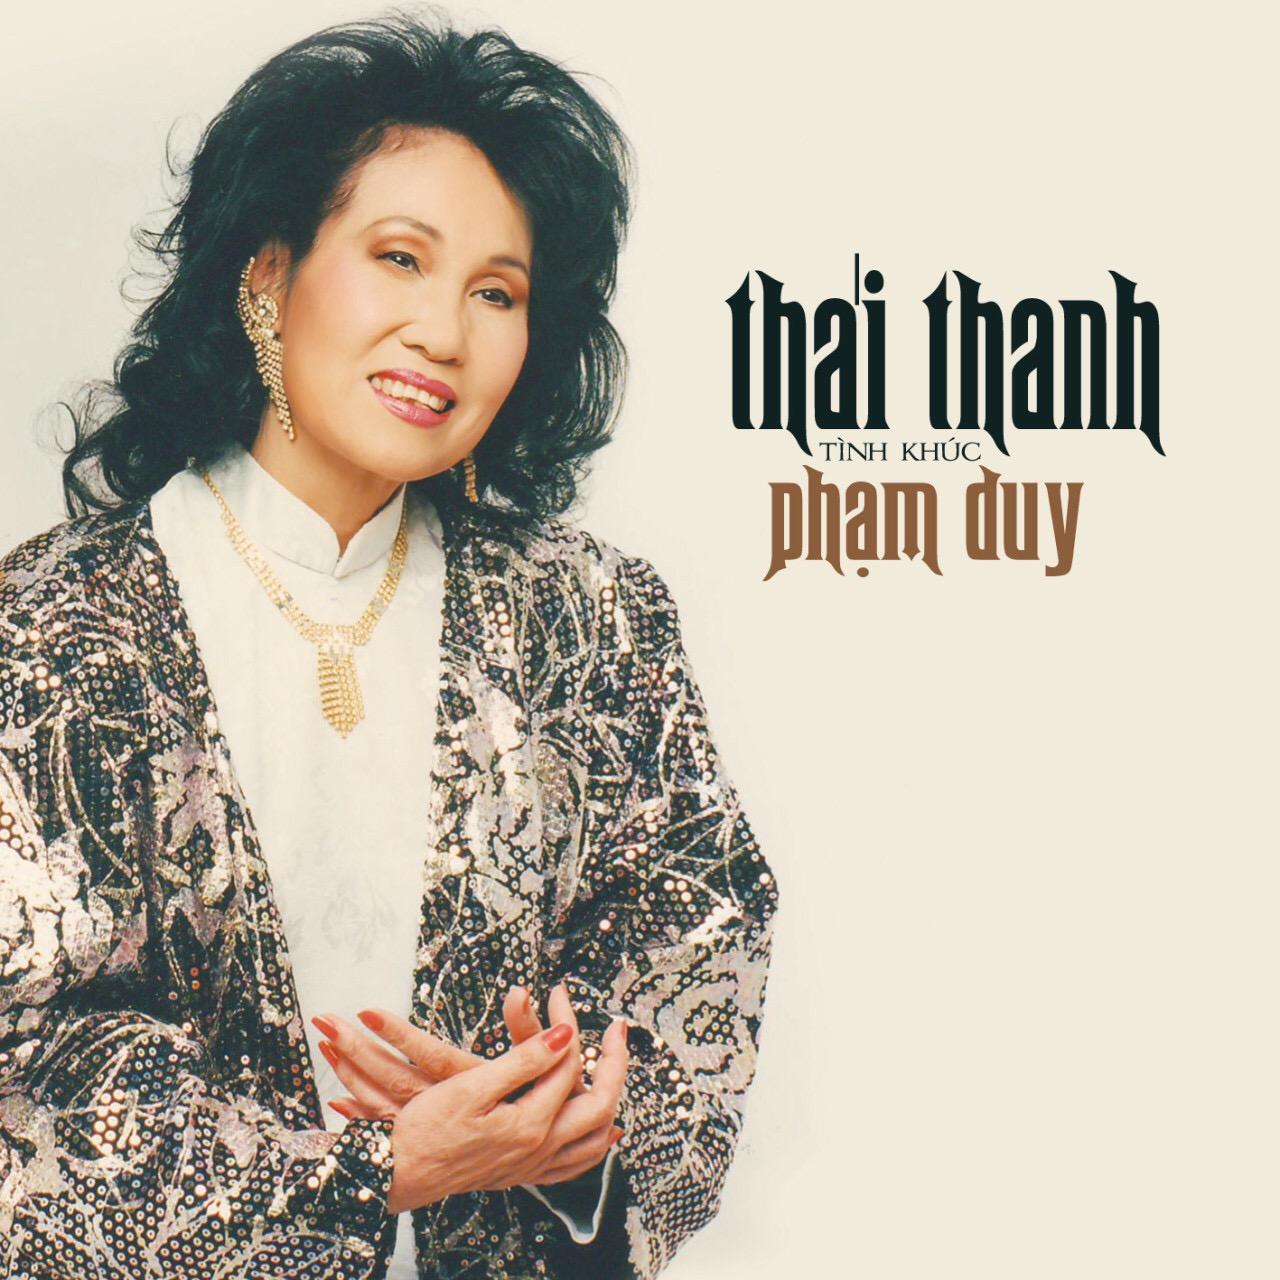 CD Tình Khúc Phạm Duy – Thái Thanh